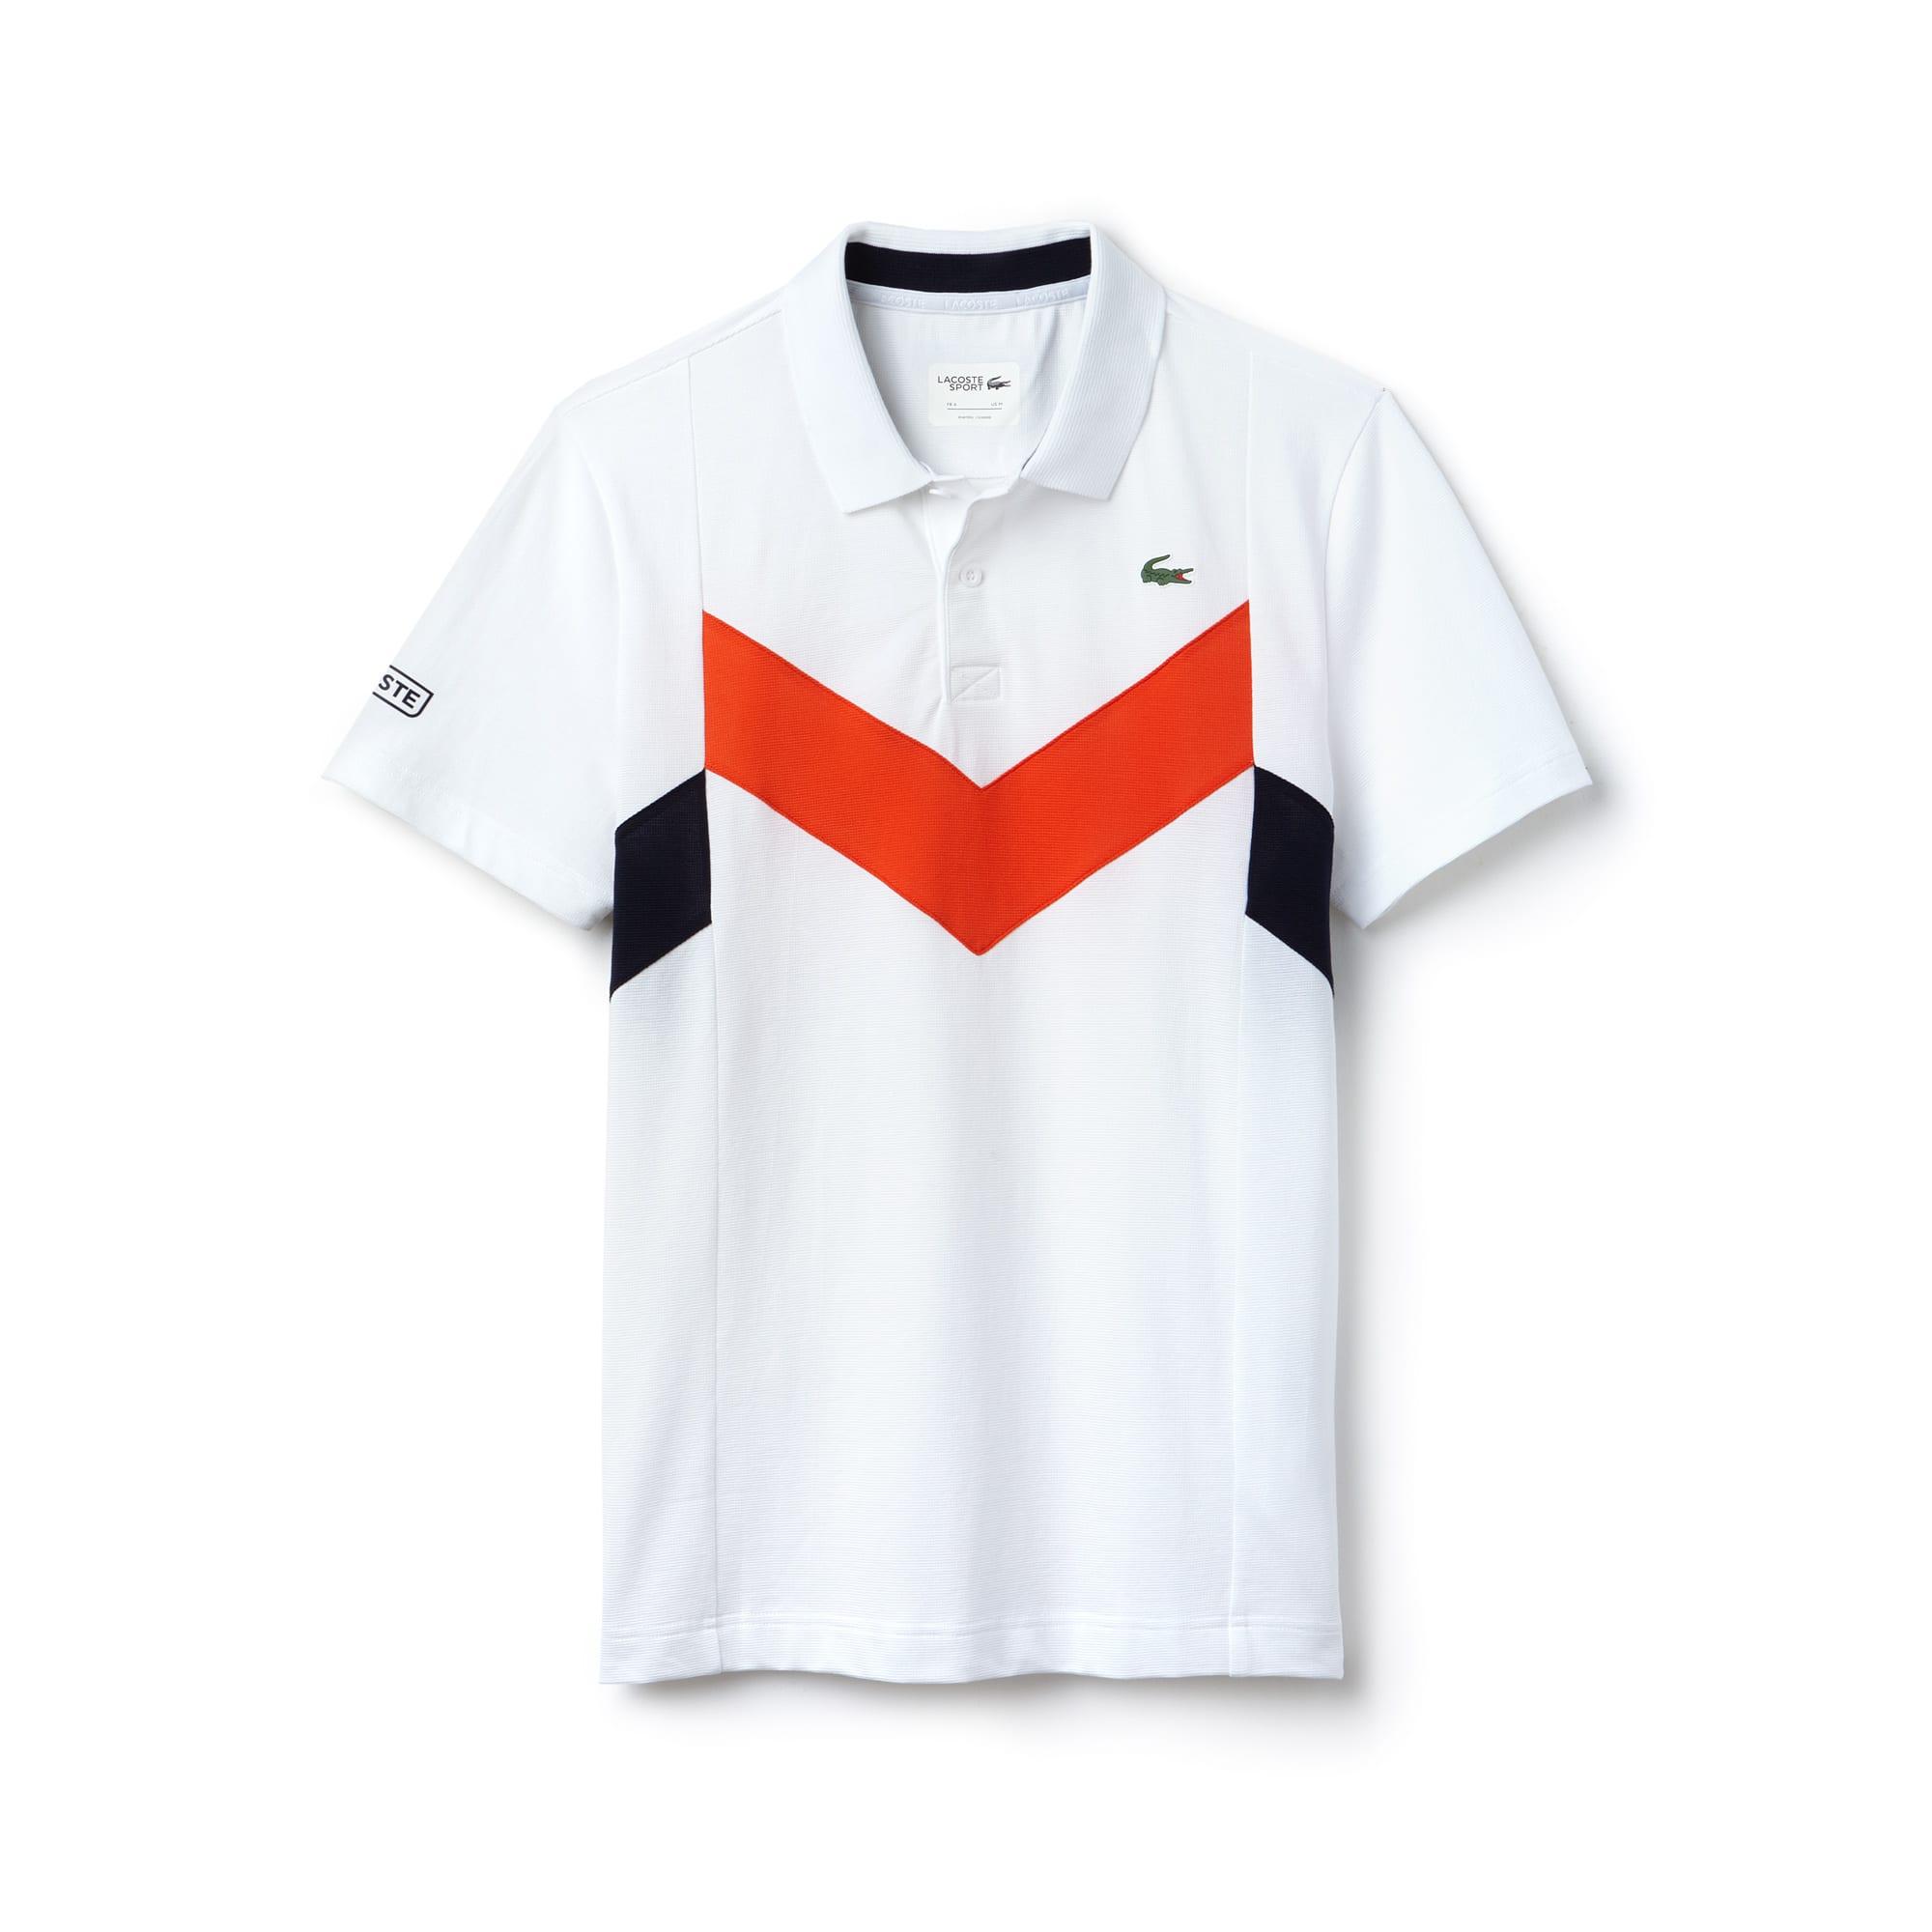 قميص بولو بألوان متباينة محبوك من نسيج خفيف من مجموعة Lacoste SPORT Tennis للرجال.